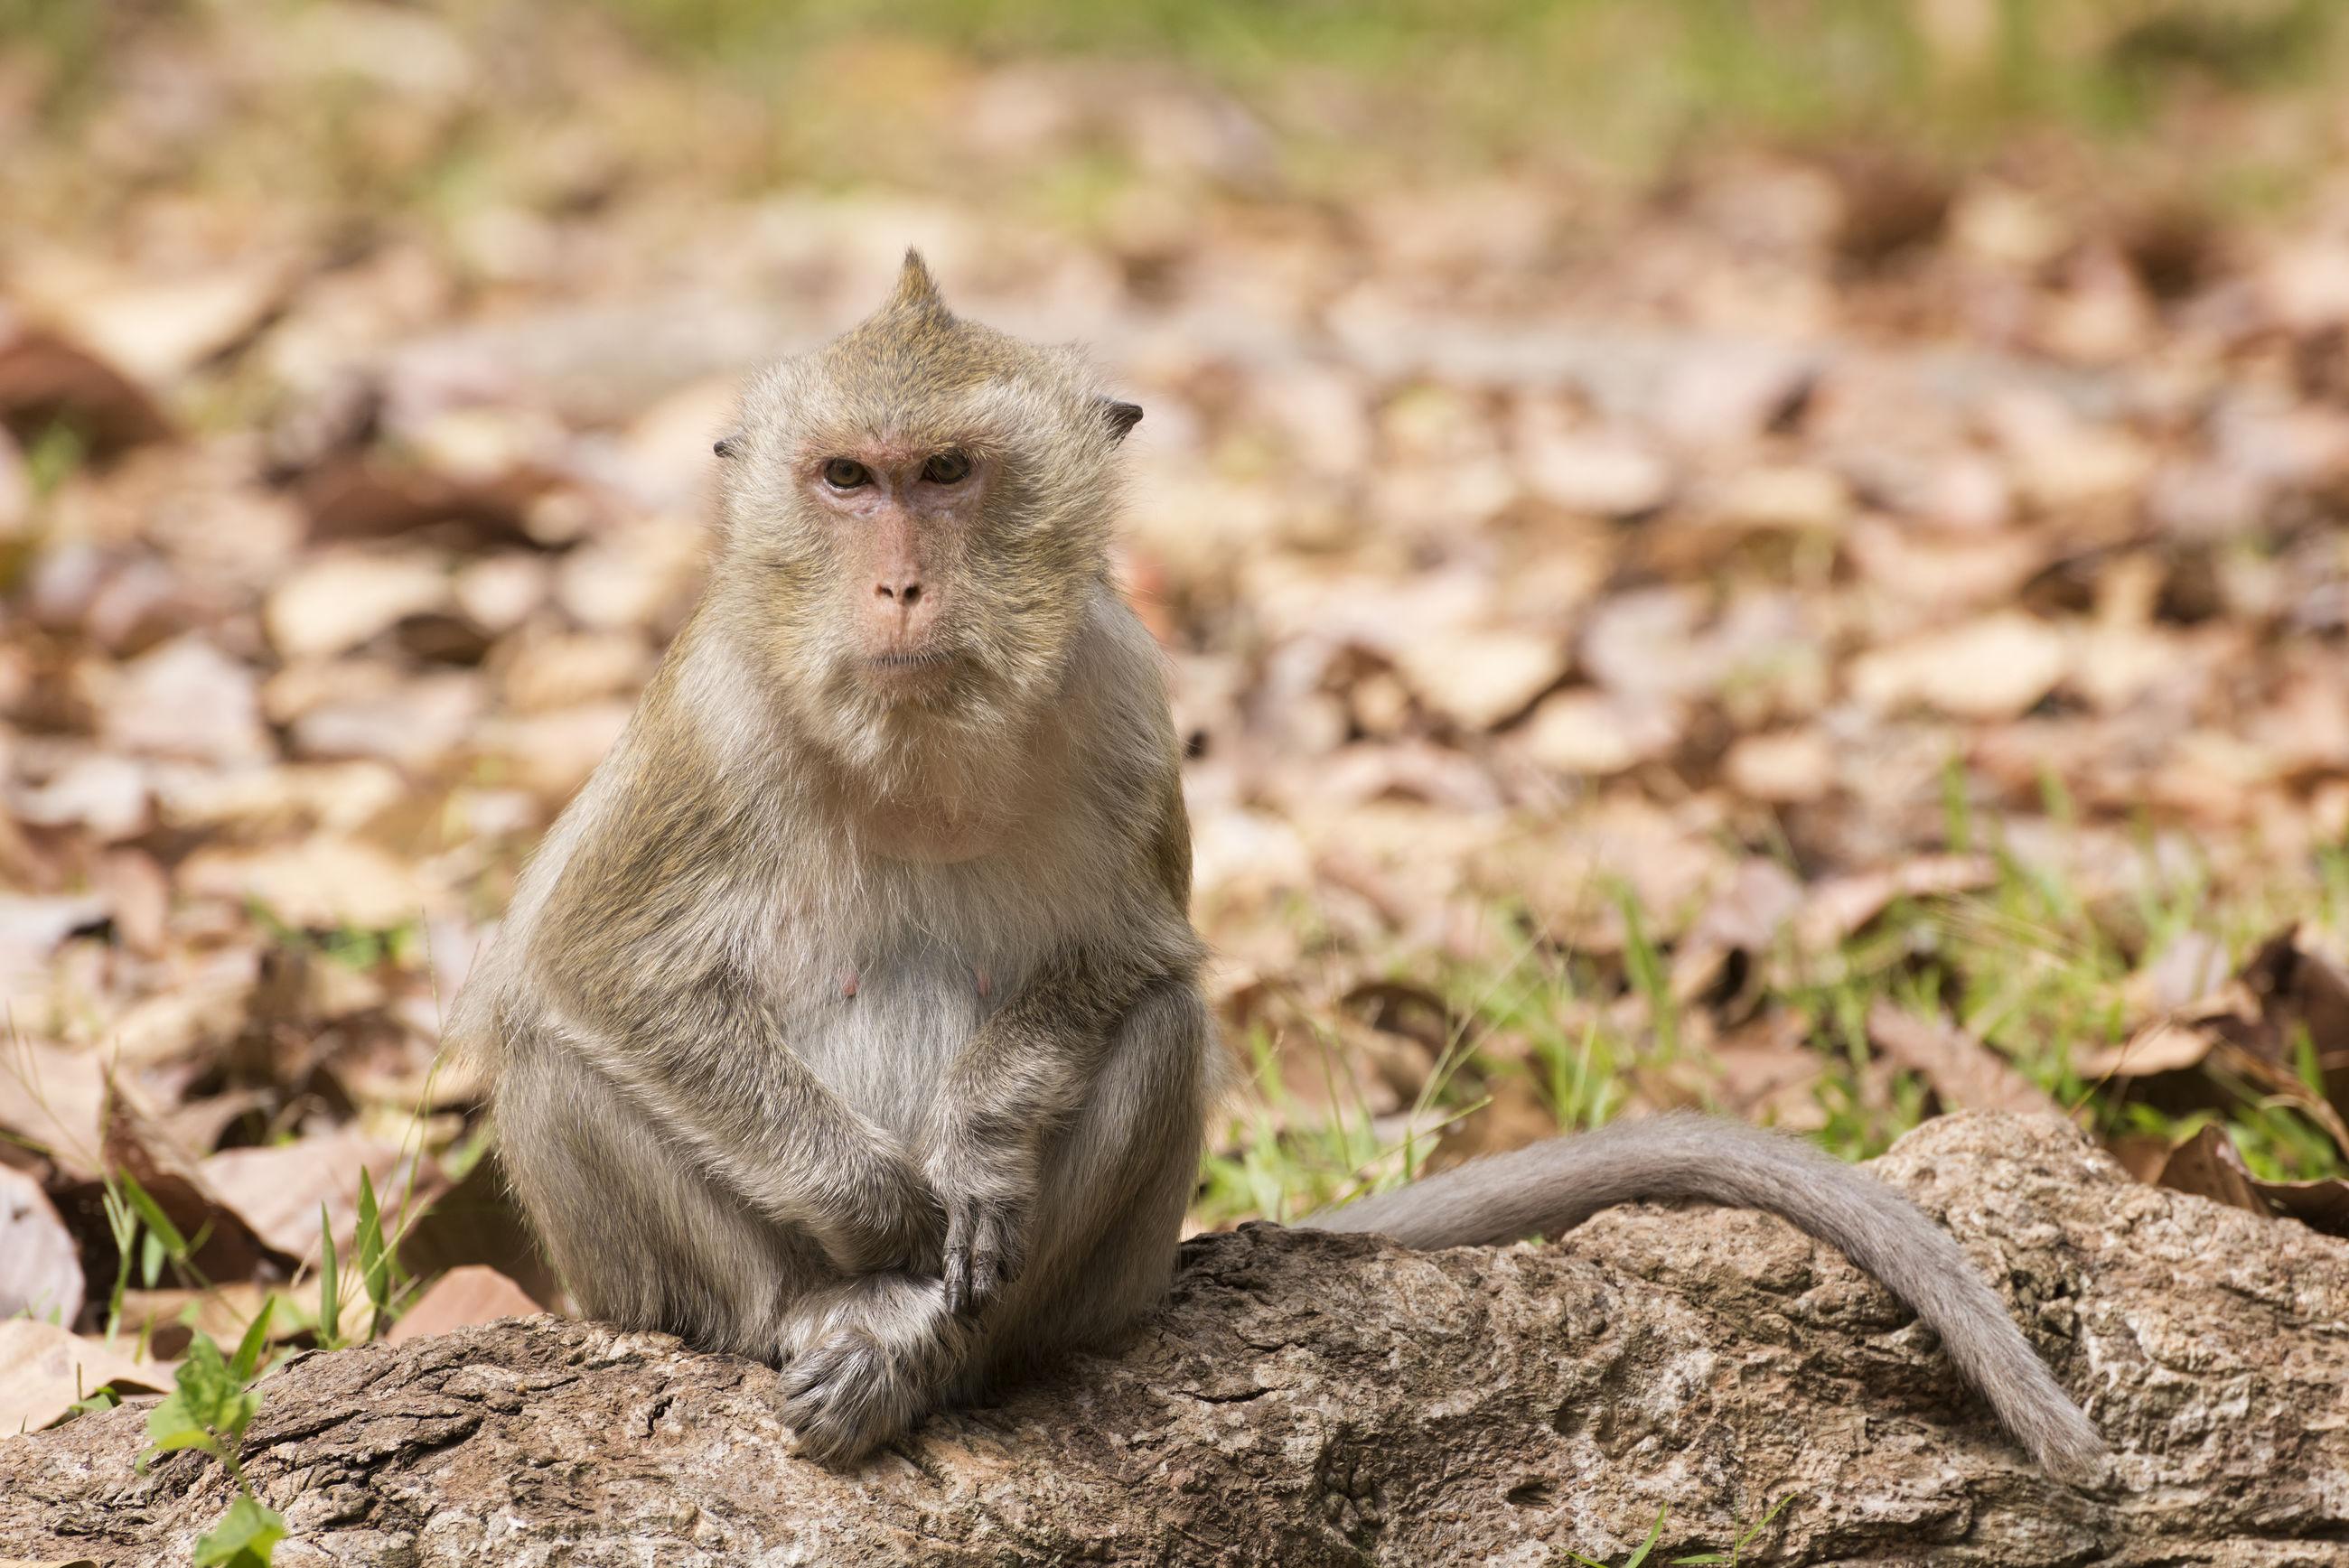 Portrait of monkey sitting on field